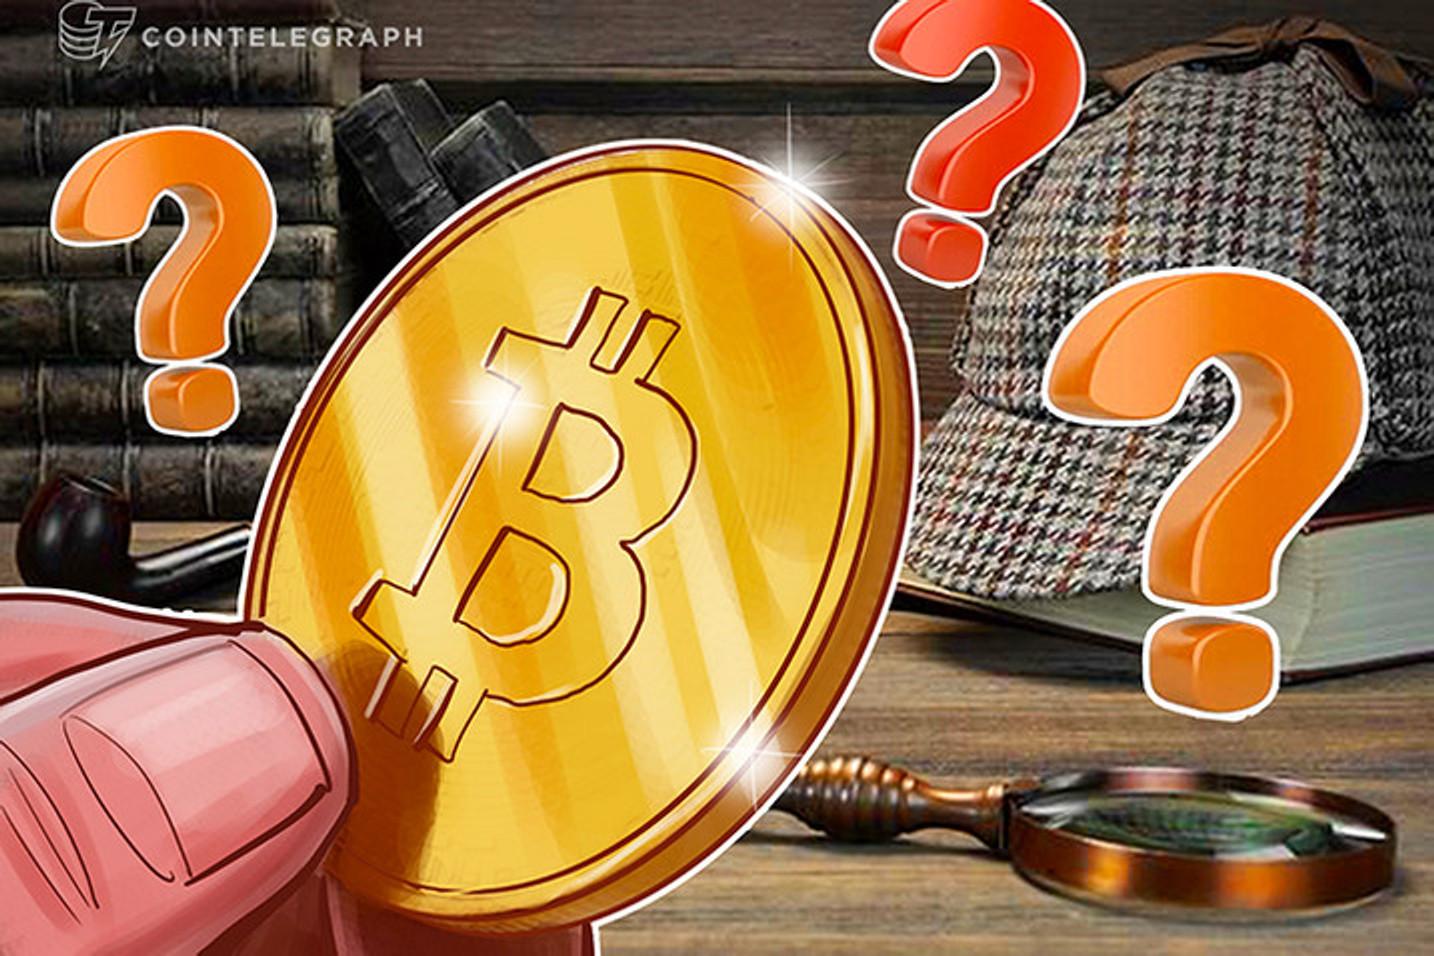 Novo golpe no Brasil promete 'alugar' seu Bitcoin por 12 meses em troca de rentabilidade em USDT